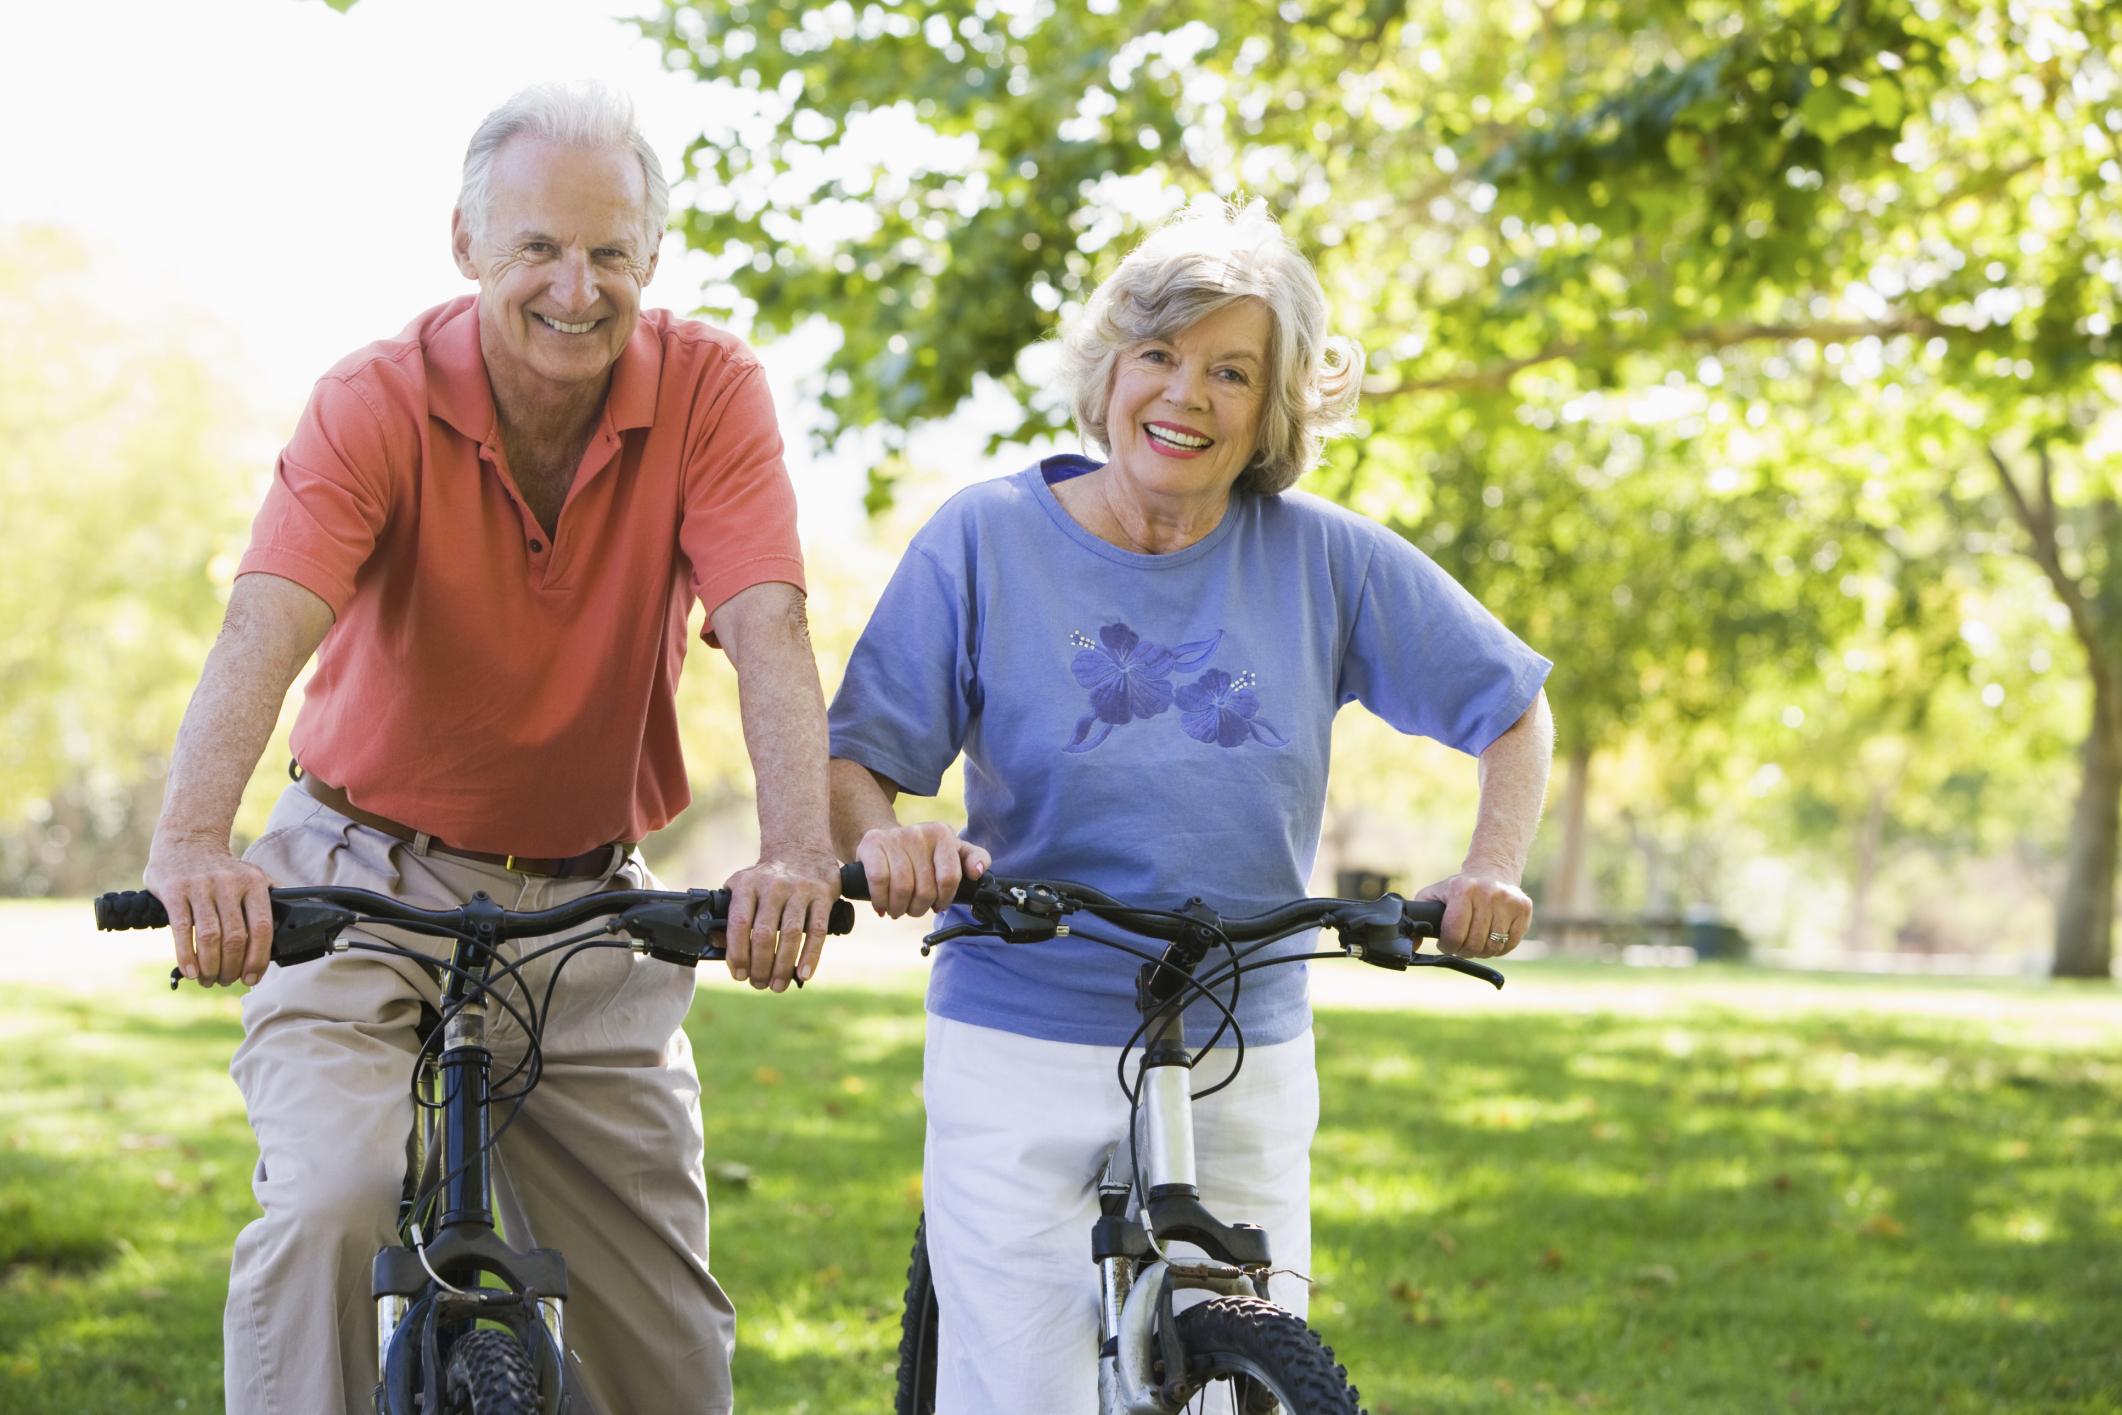 Senior-se-mettre-au-sport-pour-bien-vieillir